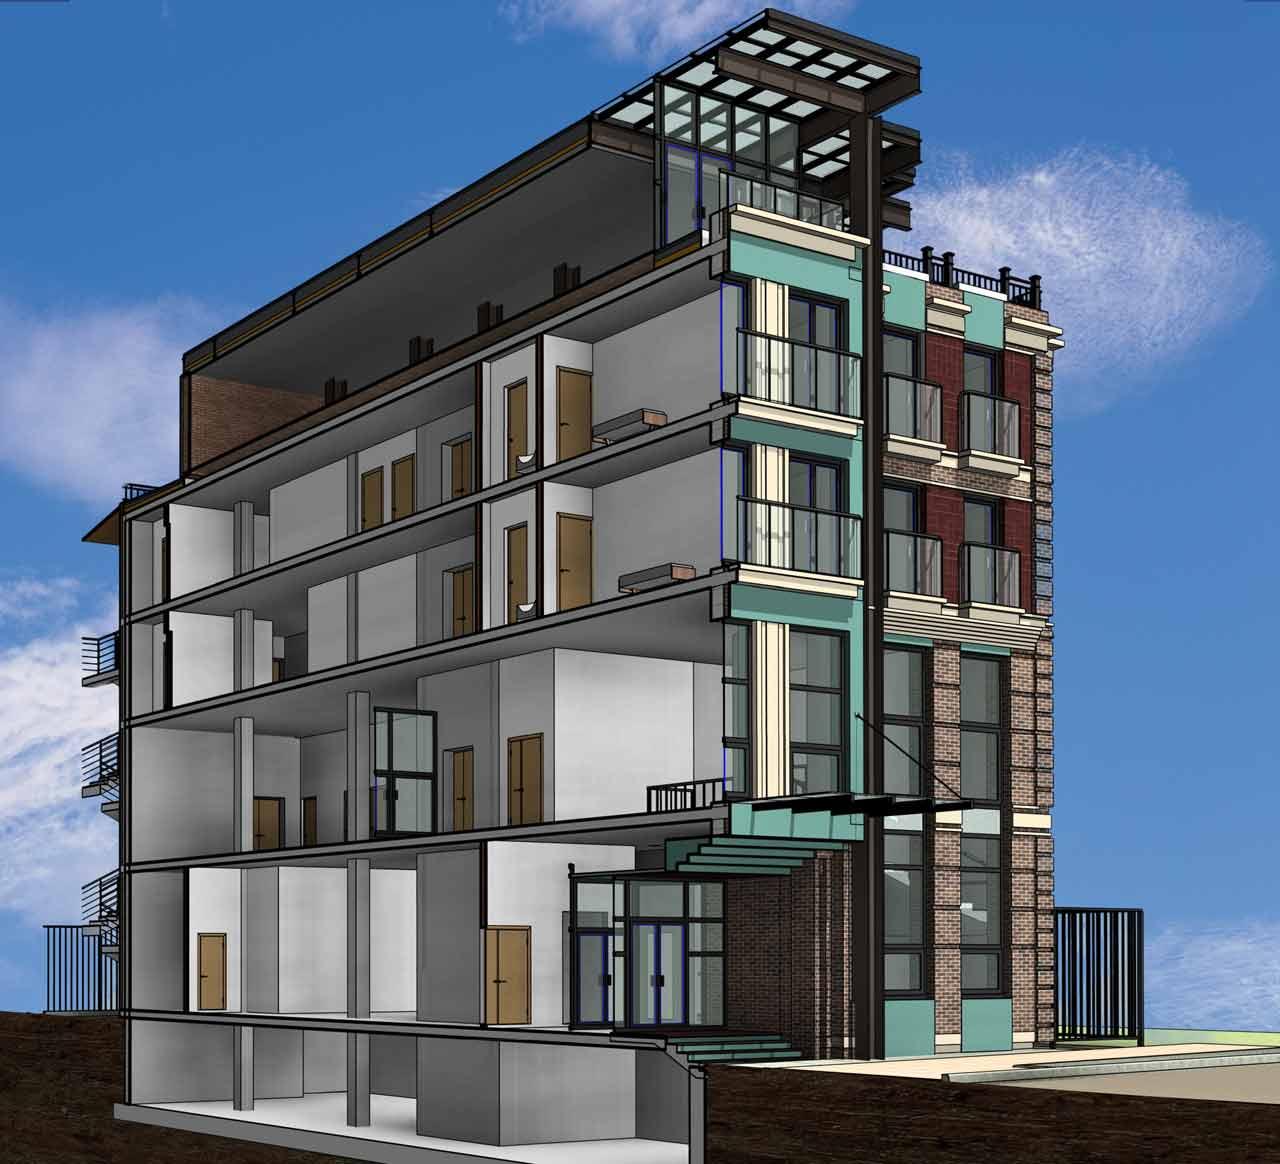 Заказать проект дома, Проект двухэтажного дома, Архитектурный проект, проект ПРО-ТОТИП